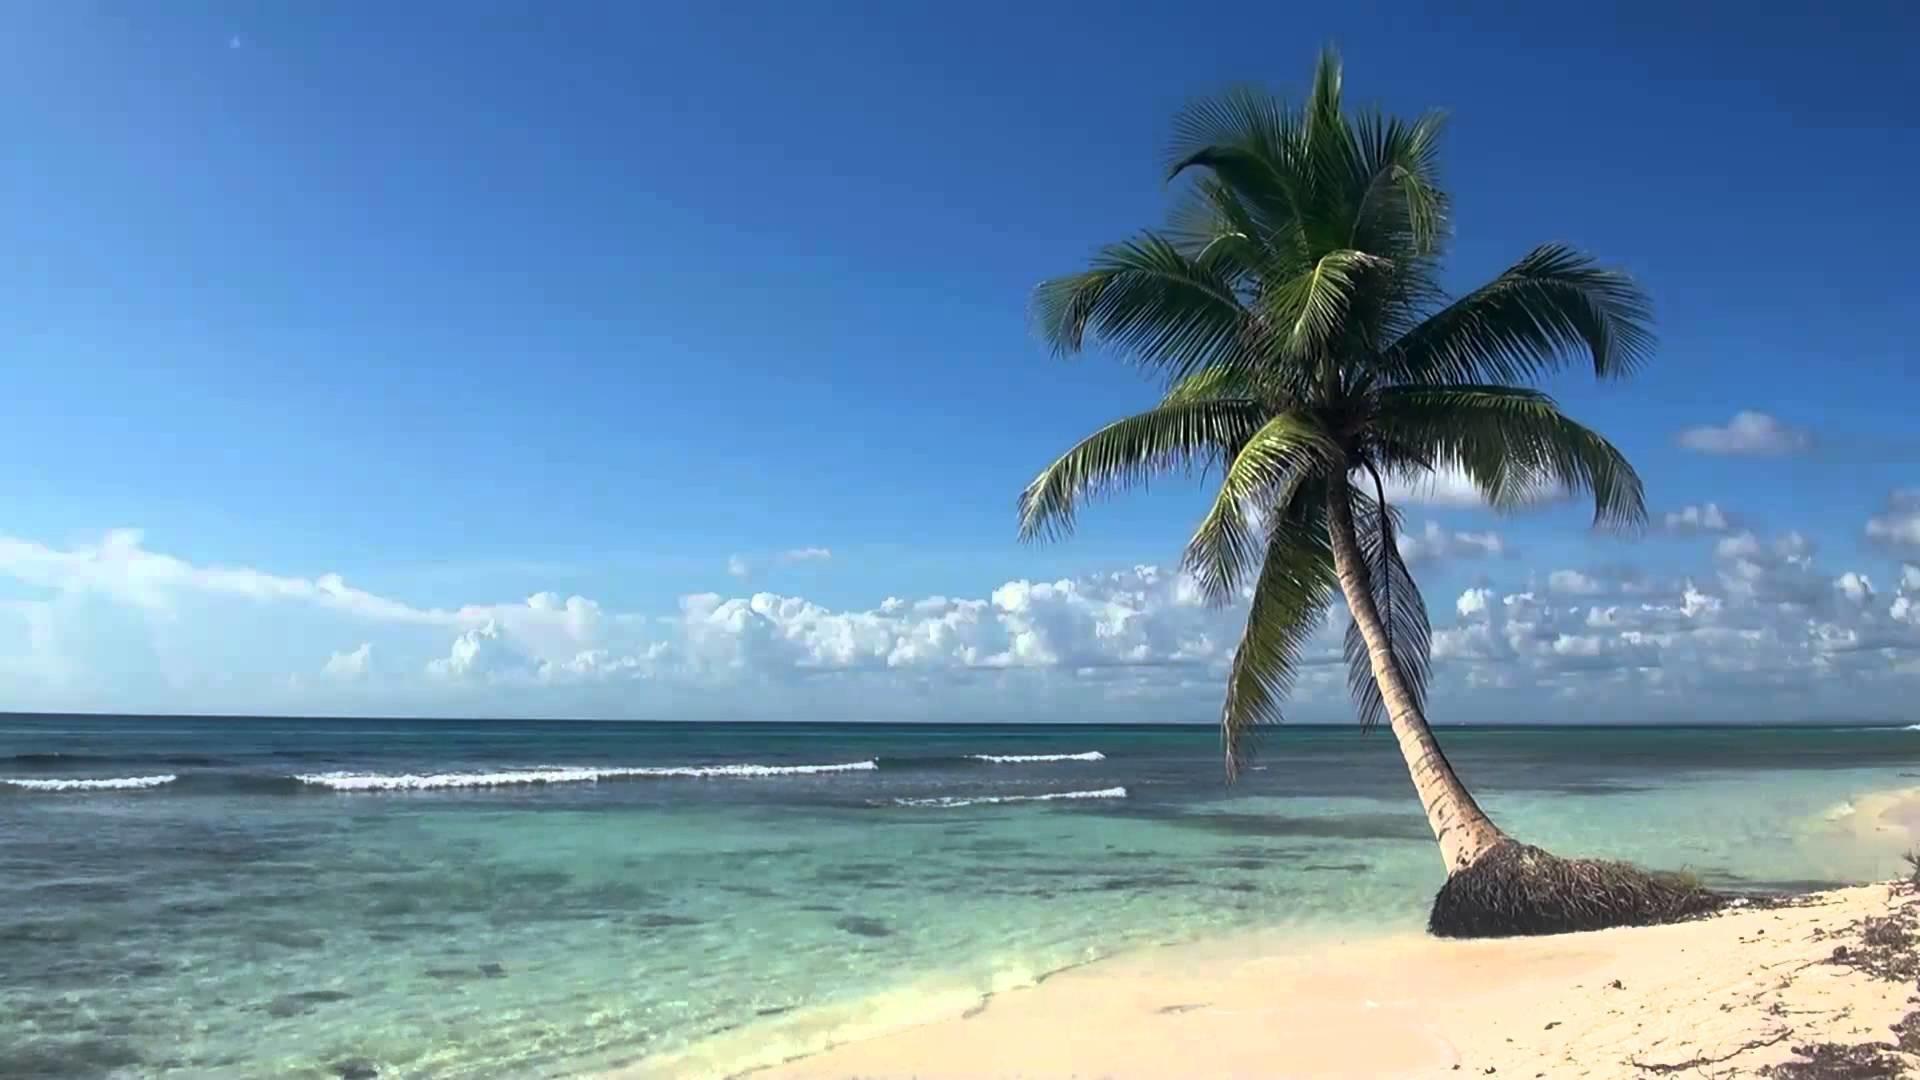 Res: 1920x1080, beach scene desktop wallpaper #519262